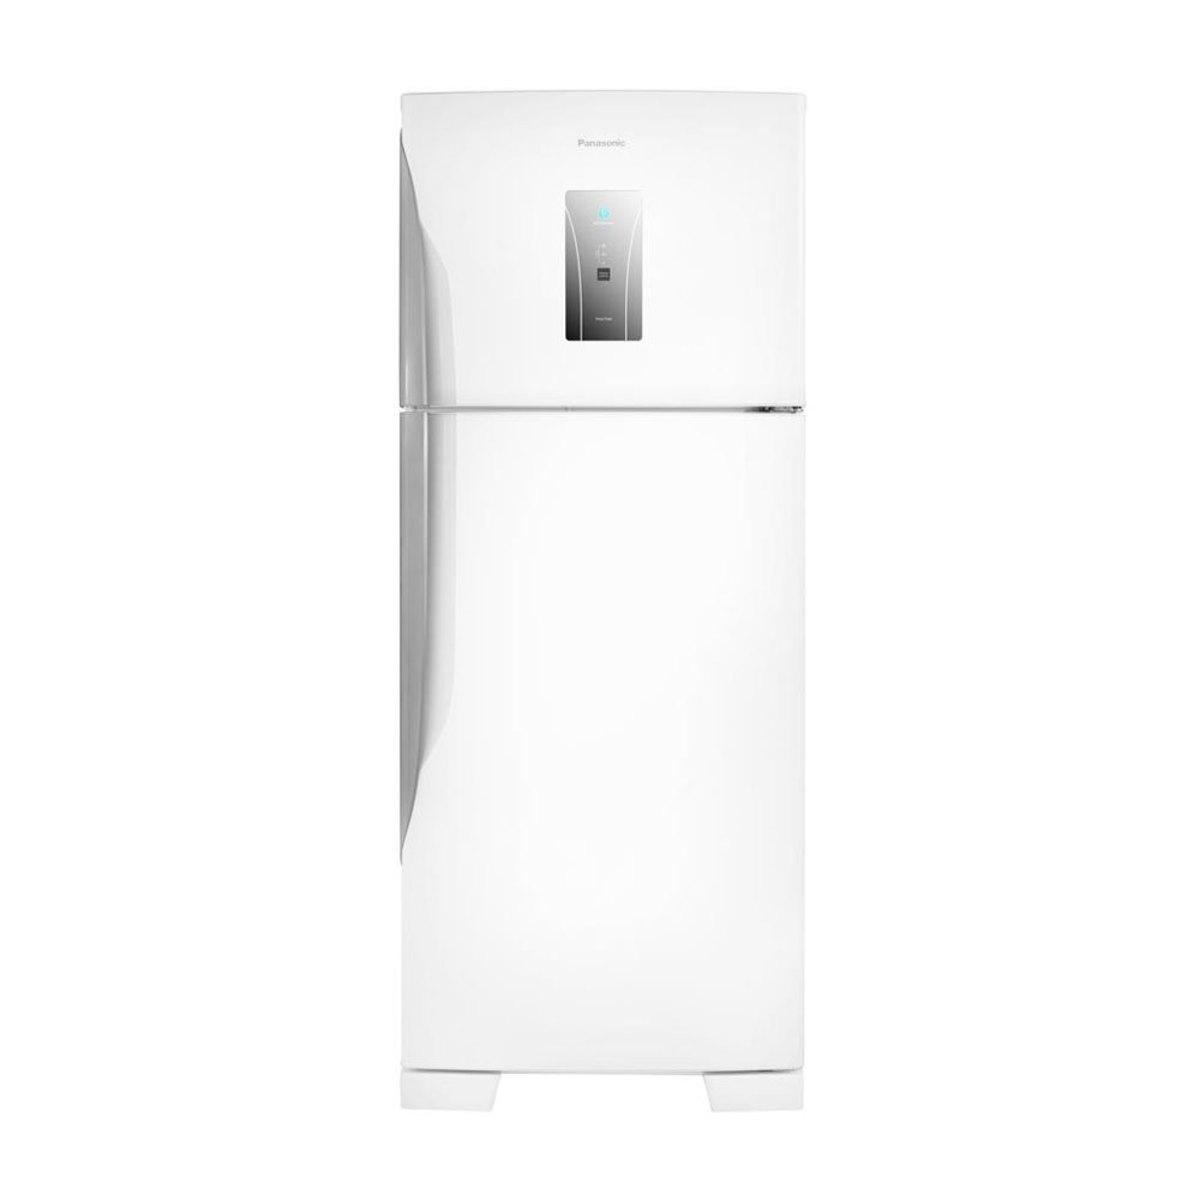 Geladeira/refrigerador 435 Litros 2 Portas Branco - Panasonic - 110v - Nr-bt50bd3wa